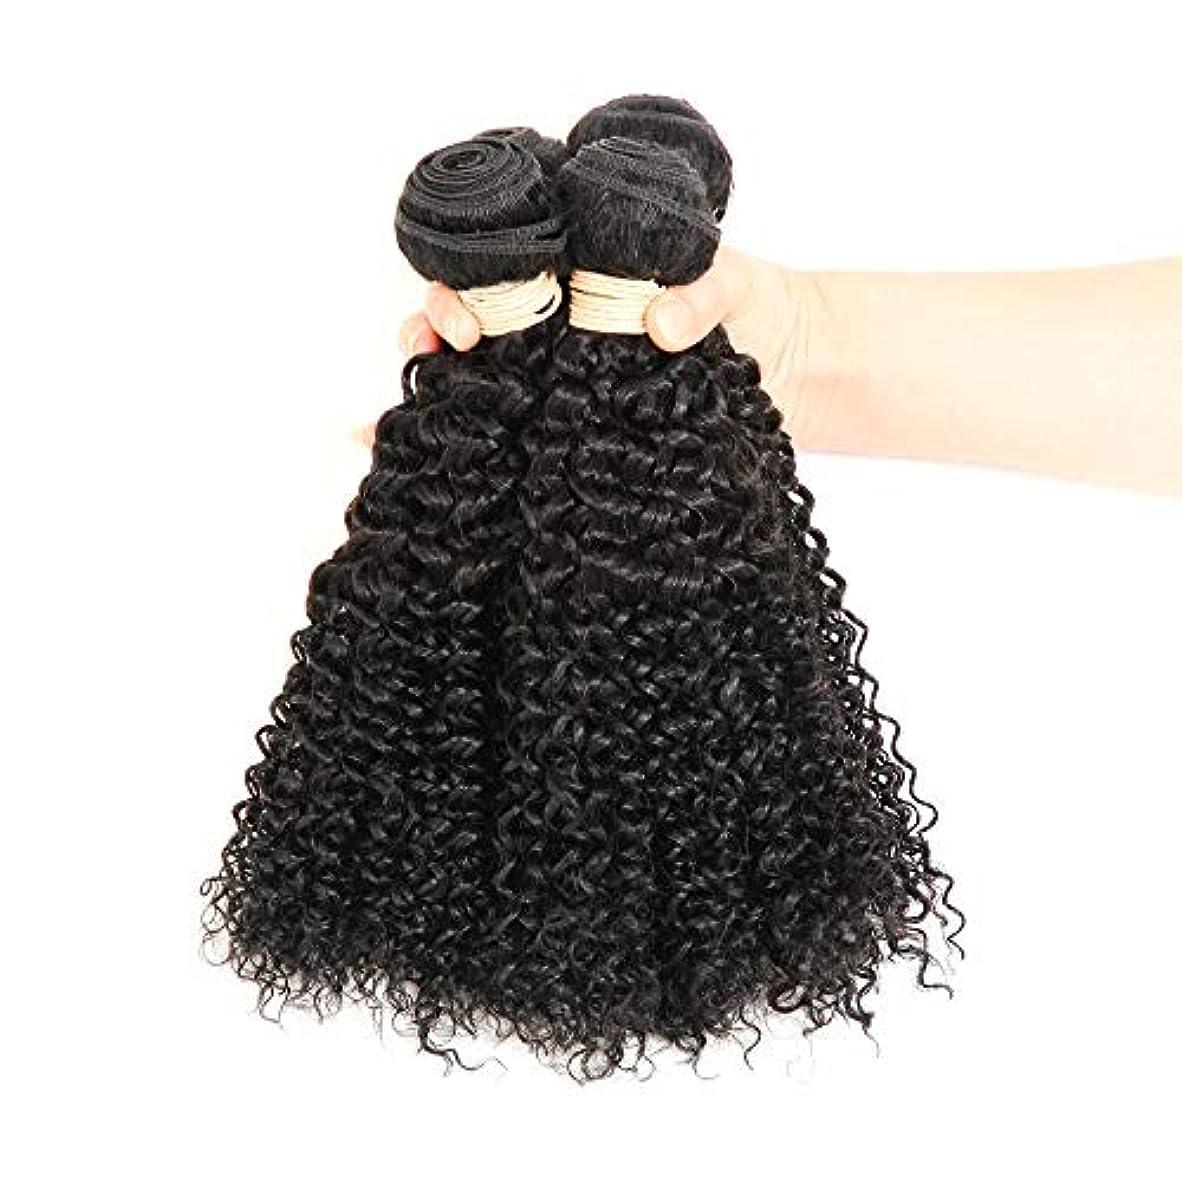 治安判事徒歩で食べるHOHYLLYA ブラジルのバージン人間の髪の毛の束ブラジルの変態カーリー織り人毛ナチュラルブラック色16-22インチ(100 +/- 5g)/ pc 1バンドルロールプレイングかつら女性の自然なかつら (色 : 黒,...